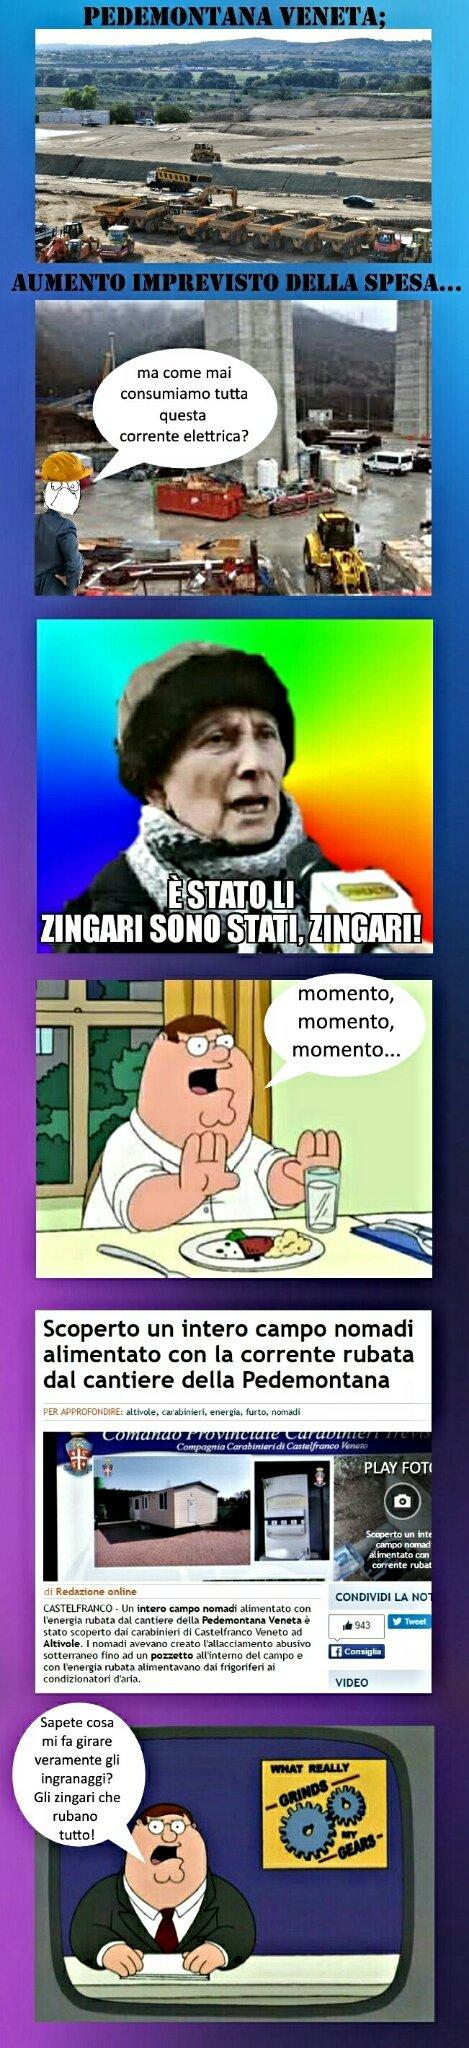 A very zingari true life - meme